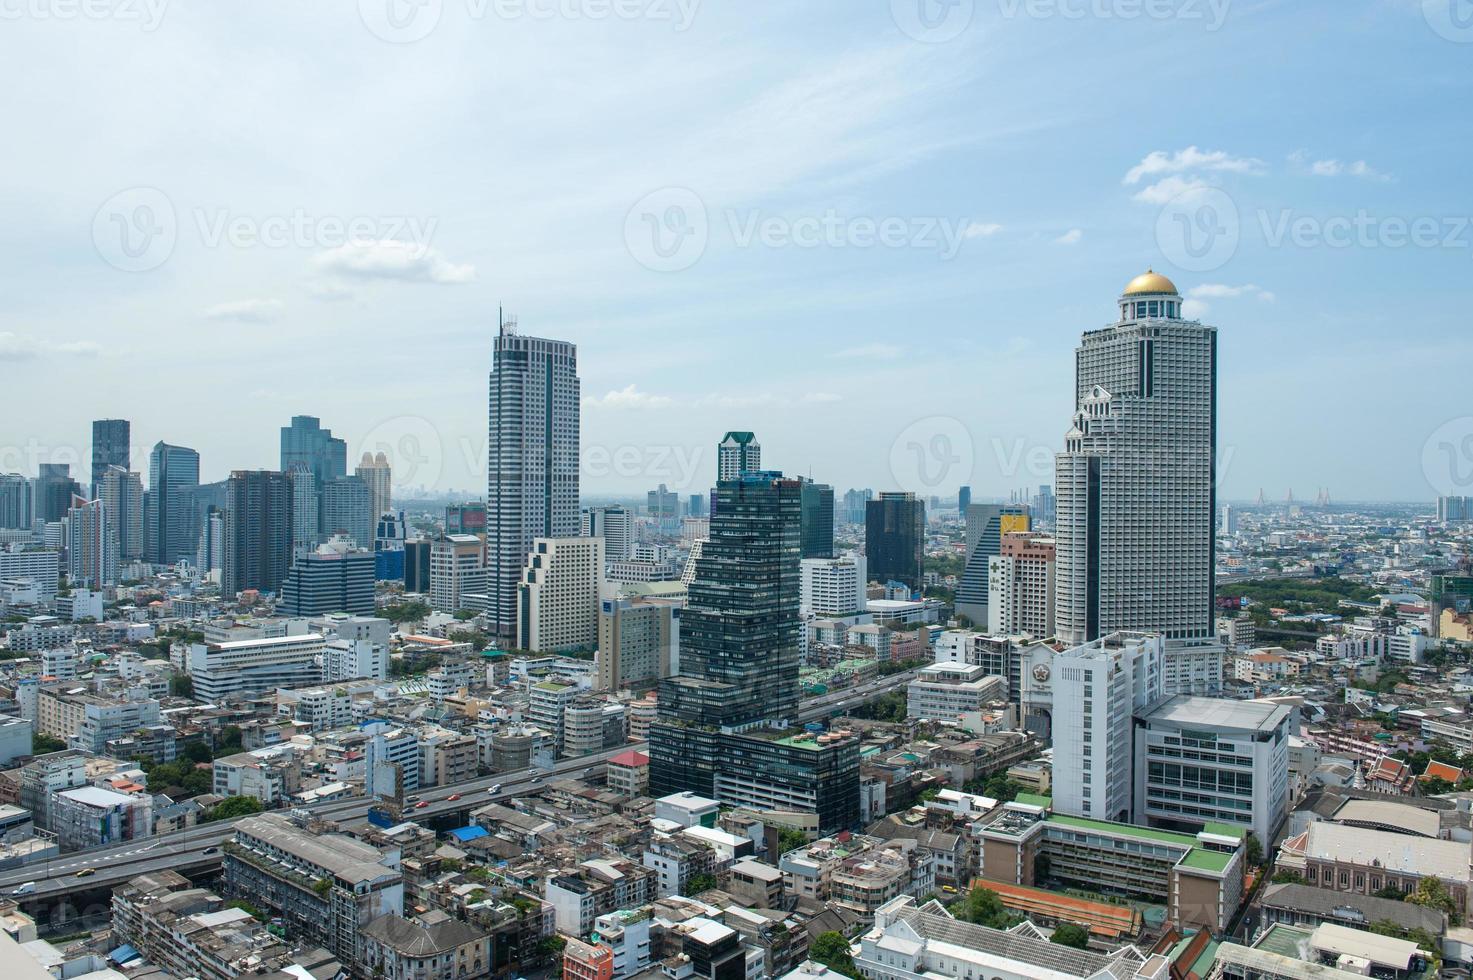 paesaggio urbano di bangkok 01 foto